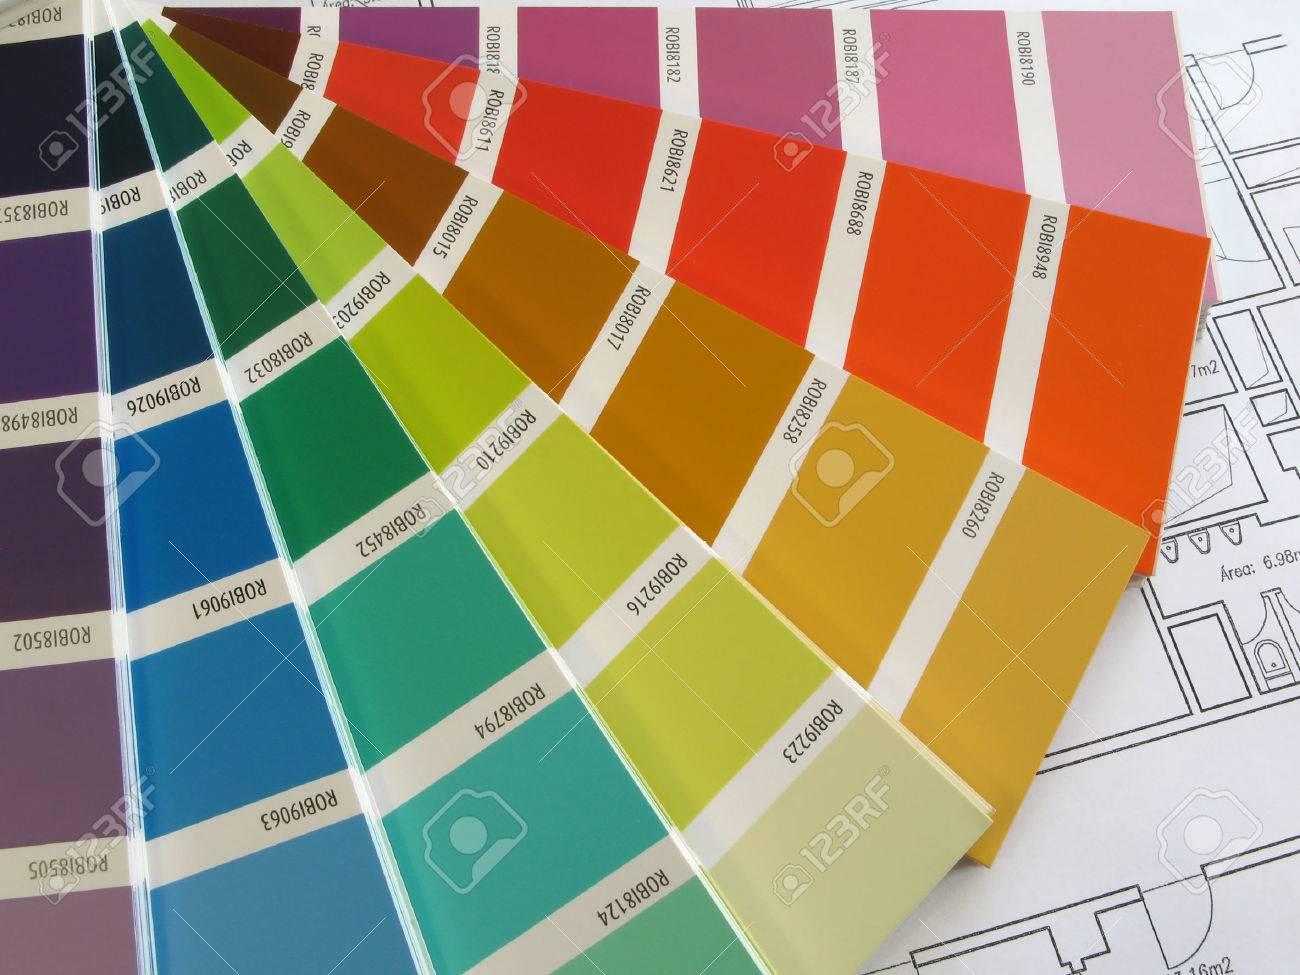 Farbmuster Für Die uswahl Mit Haus-Plan uf Den Hintergrund ... size: 1300 x 975 post ID: 5 File size: 0 B